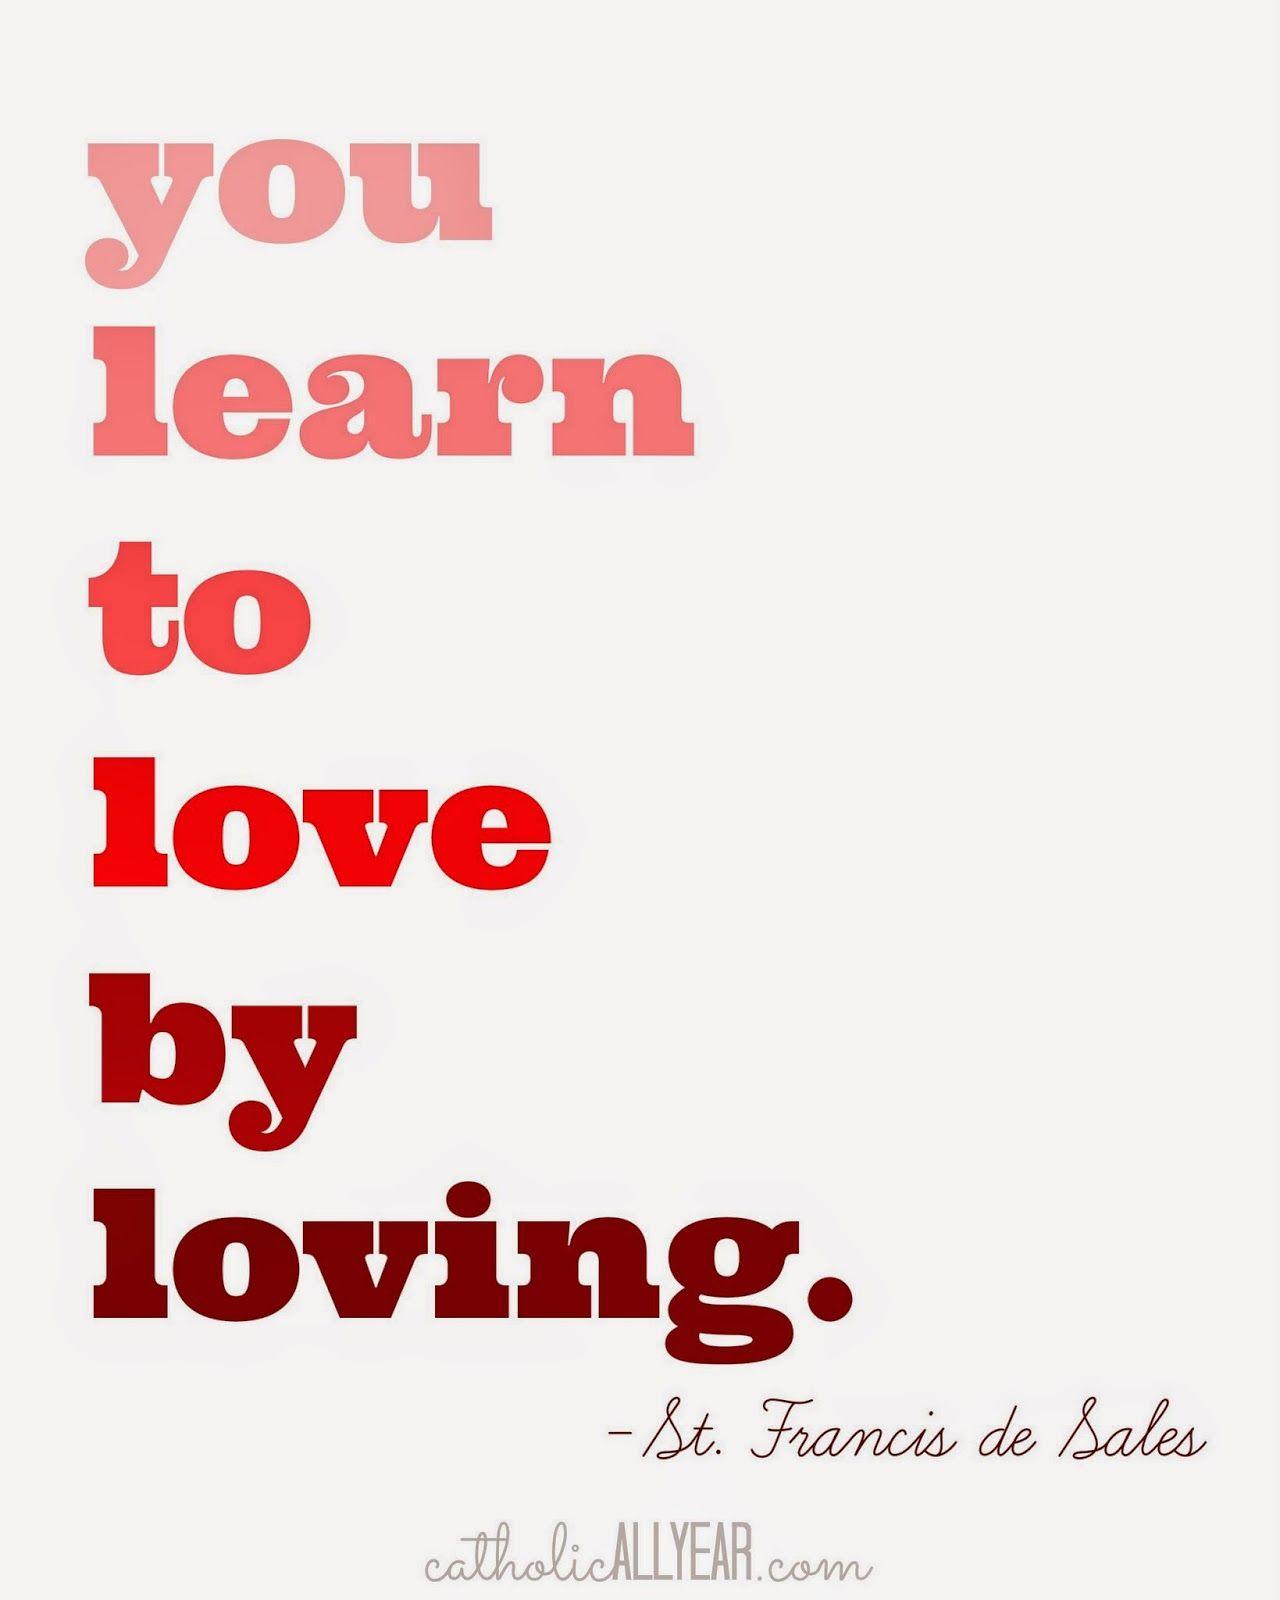 Free Printable Valentine S Quote: Catholic All Year: Seven Free Printable Catholic